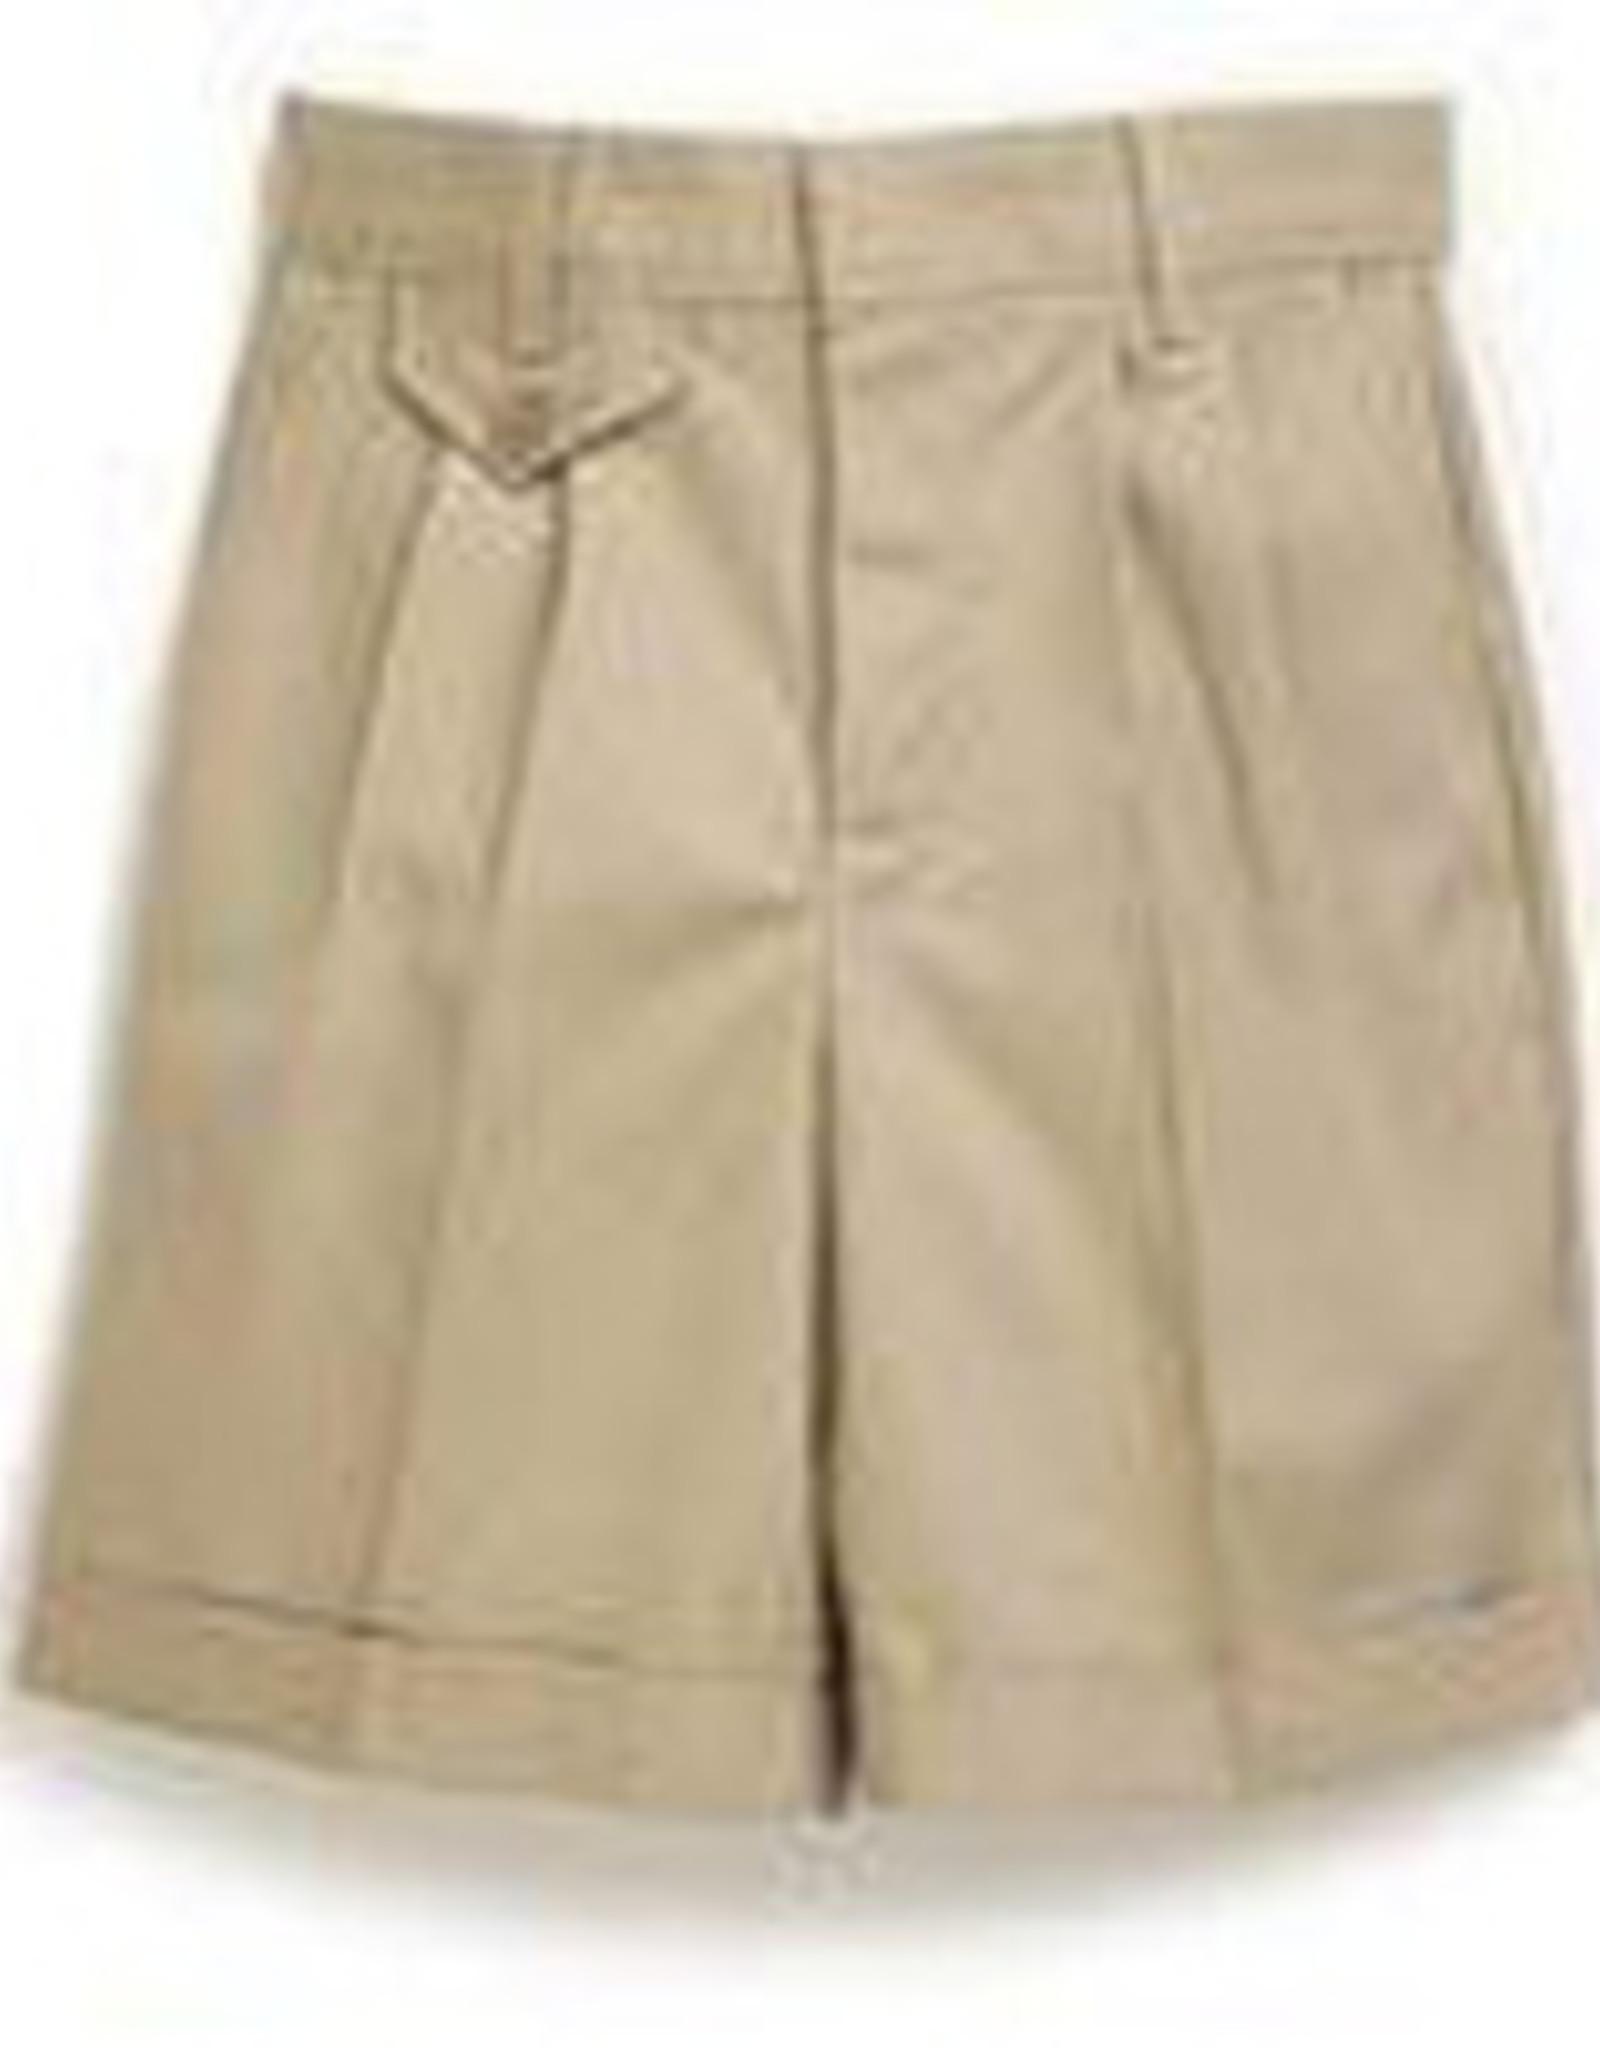 Elderwear Shorts - Girls - Size 4